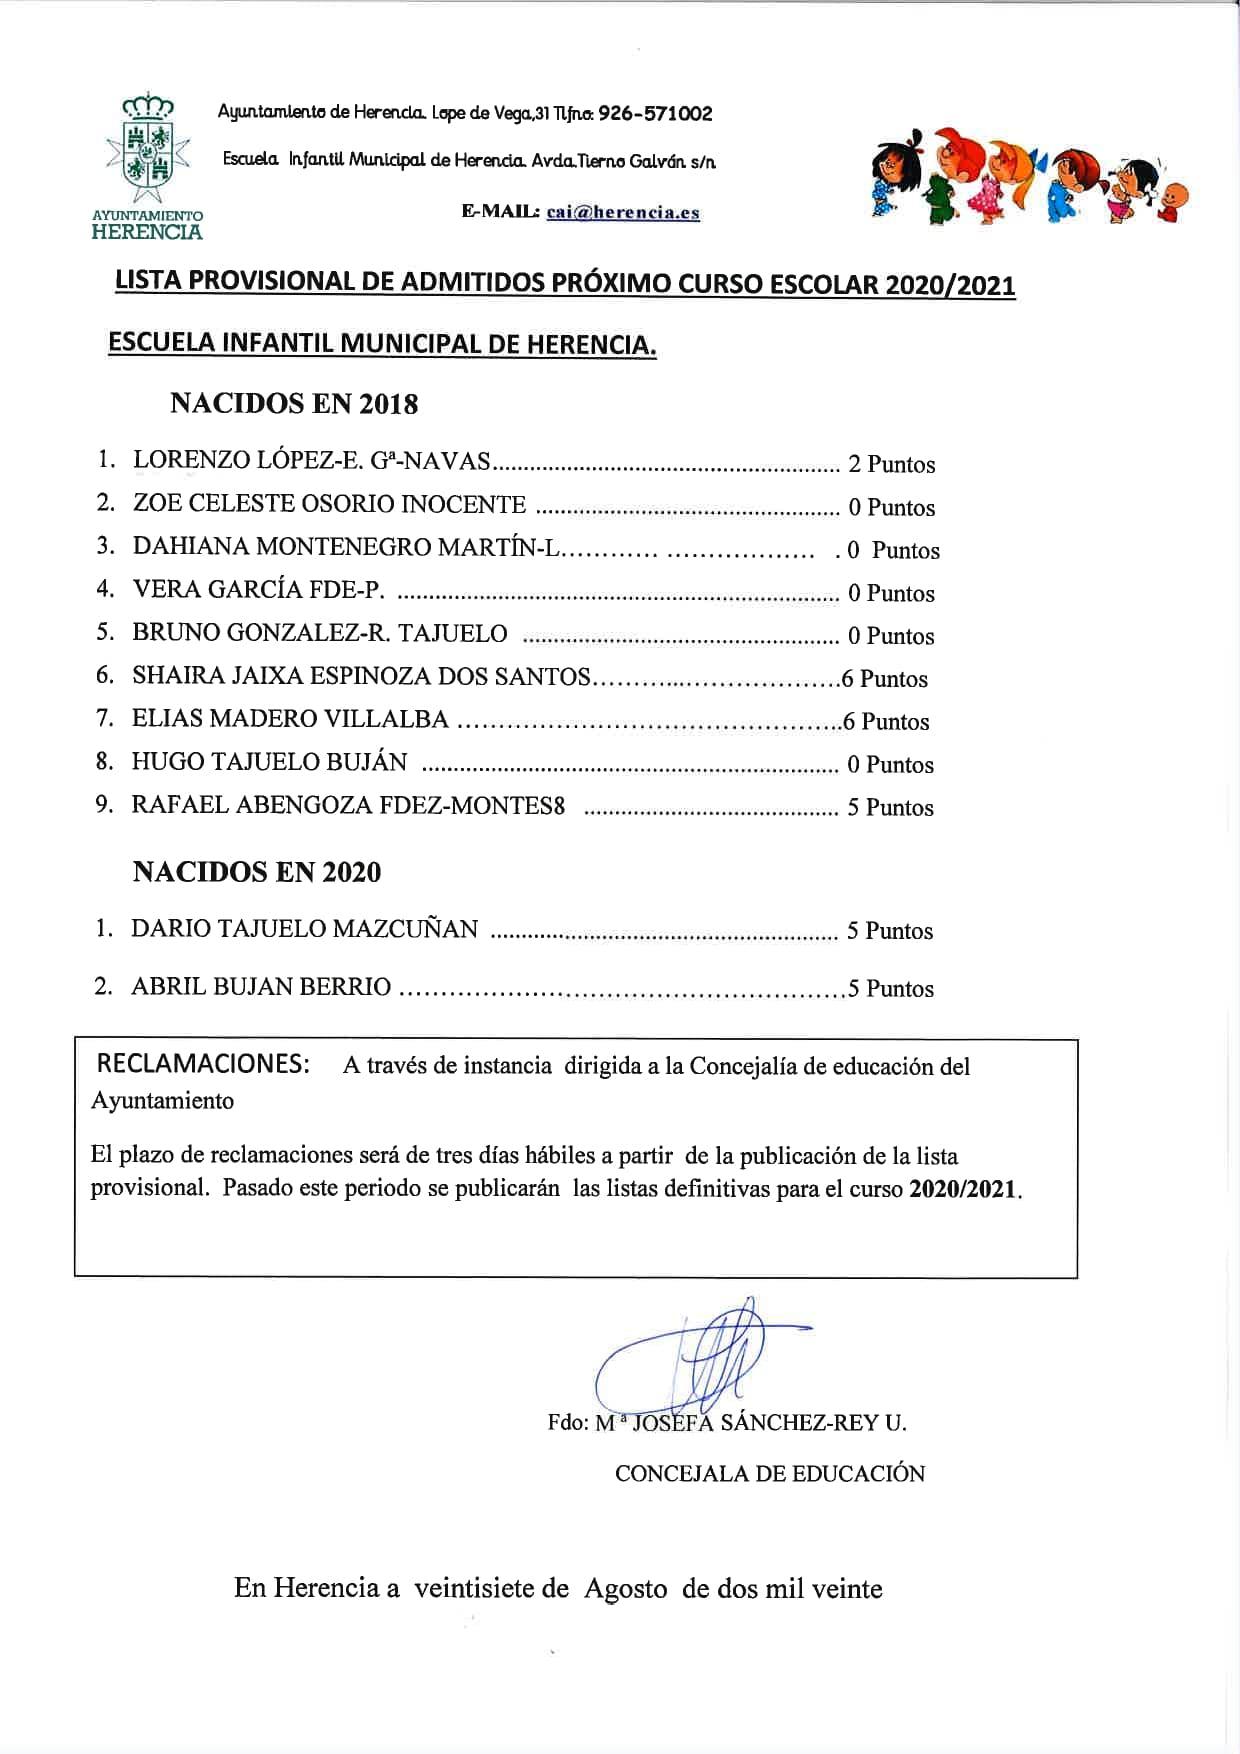 LISTA PROVISIONAL DE ADMITIDOS AS page 0002 - La Escuela Infantil Municipal publica la lista provisional de admitidos para el próximo curso